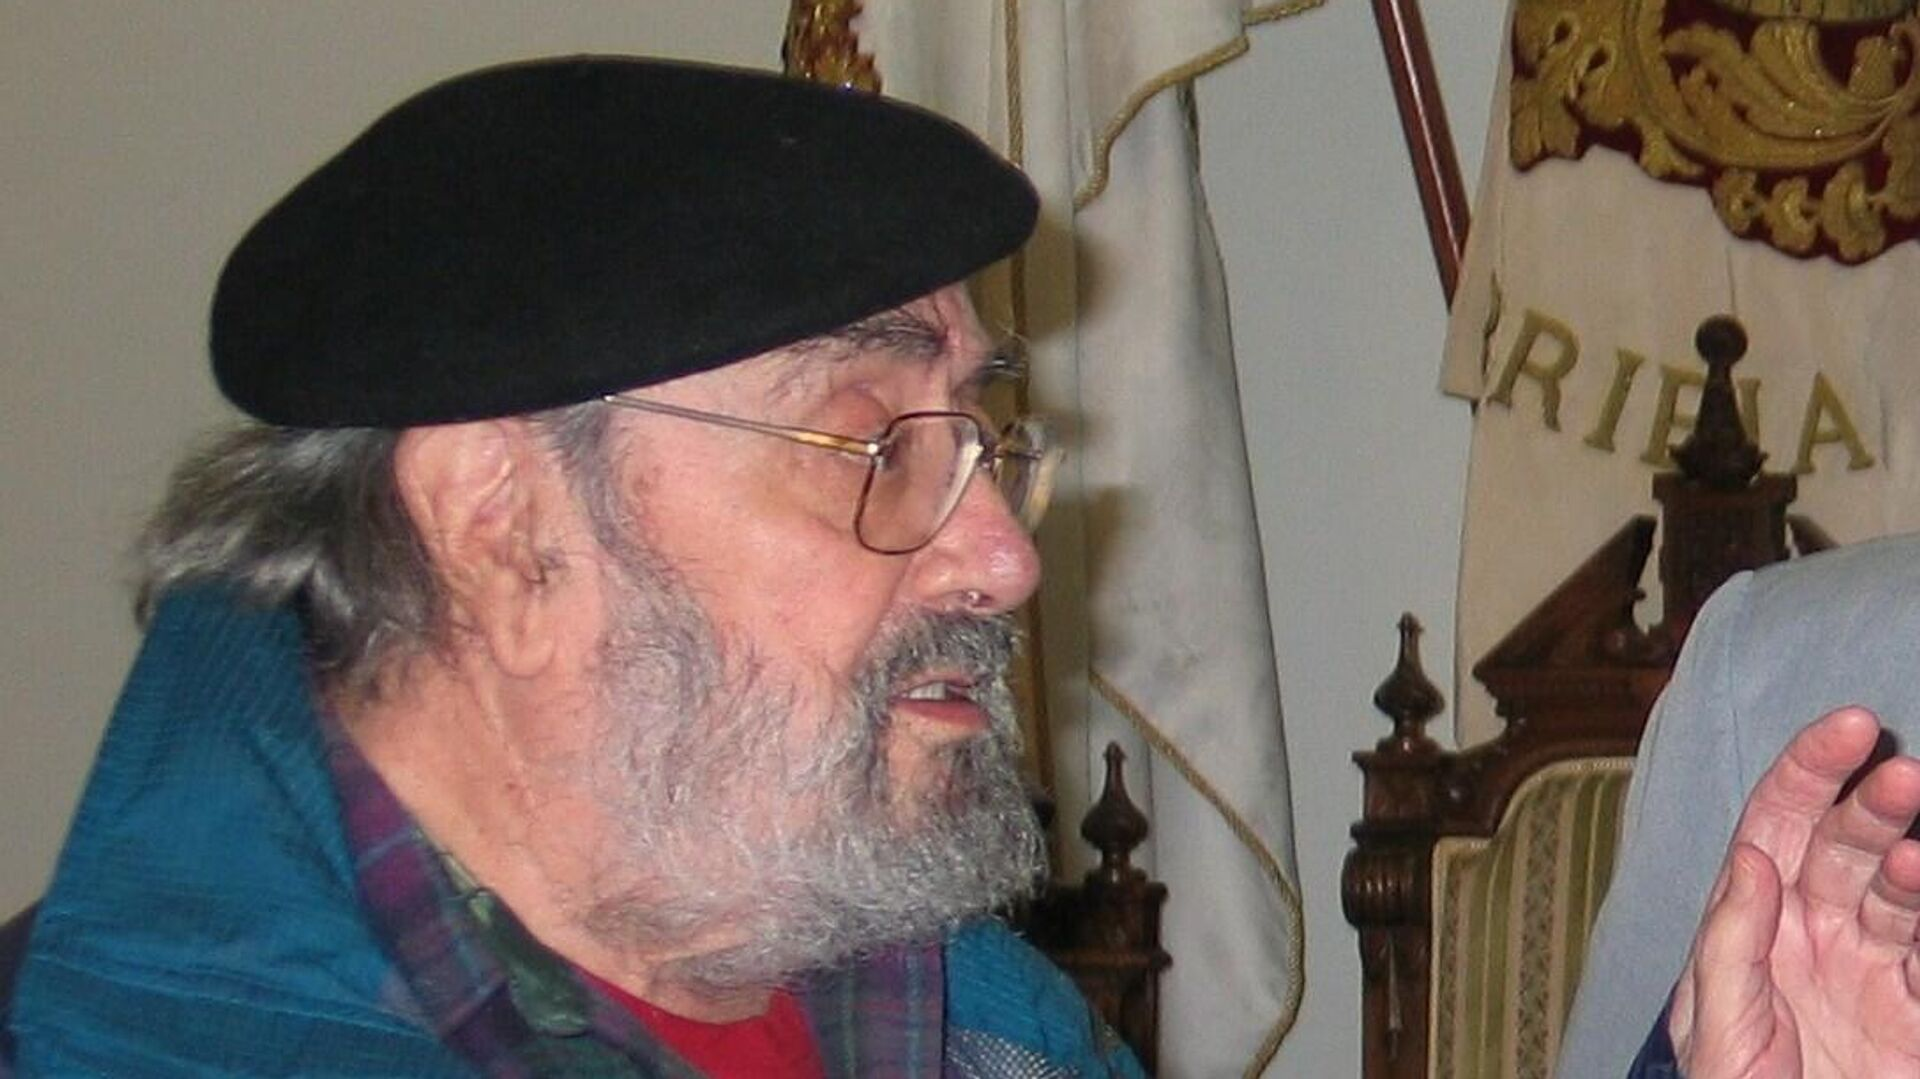 Alfonso Sastre, dramaturgo español - Sputnik Mundo, 1920, 17.09.2021